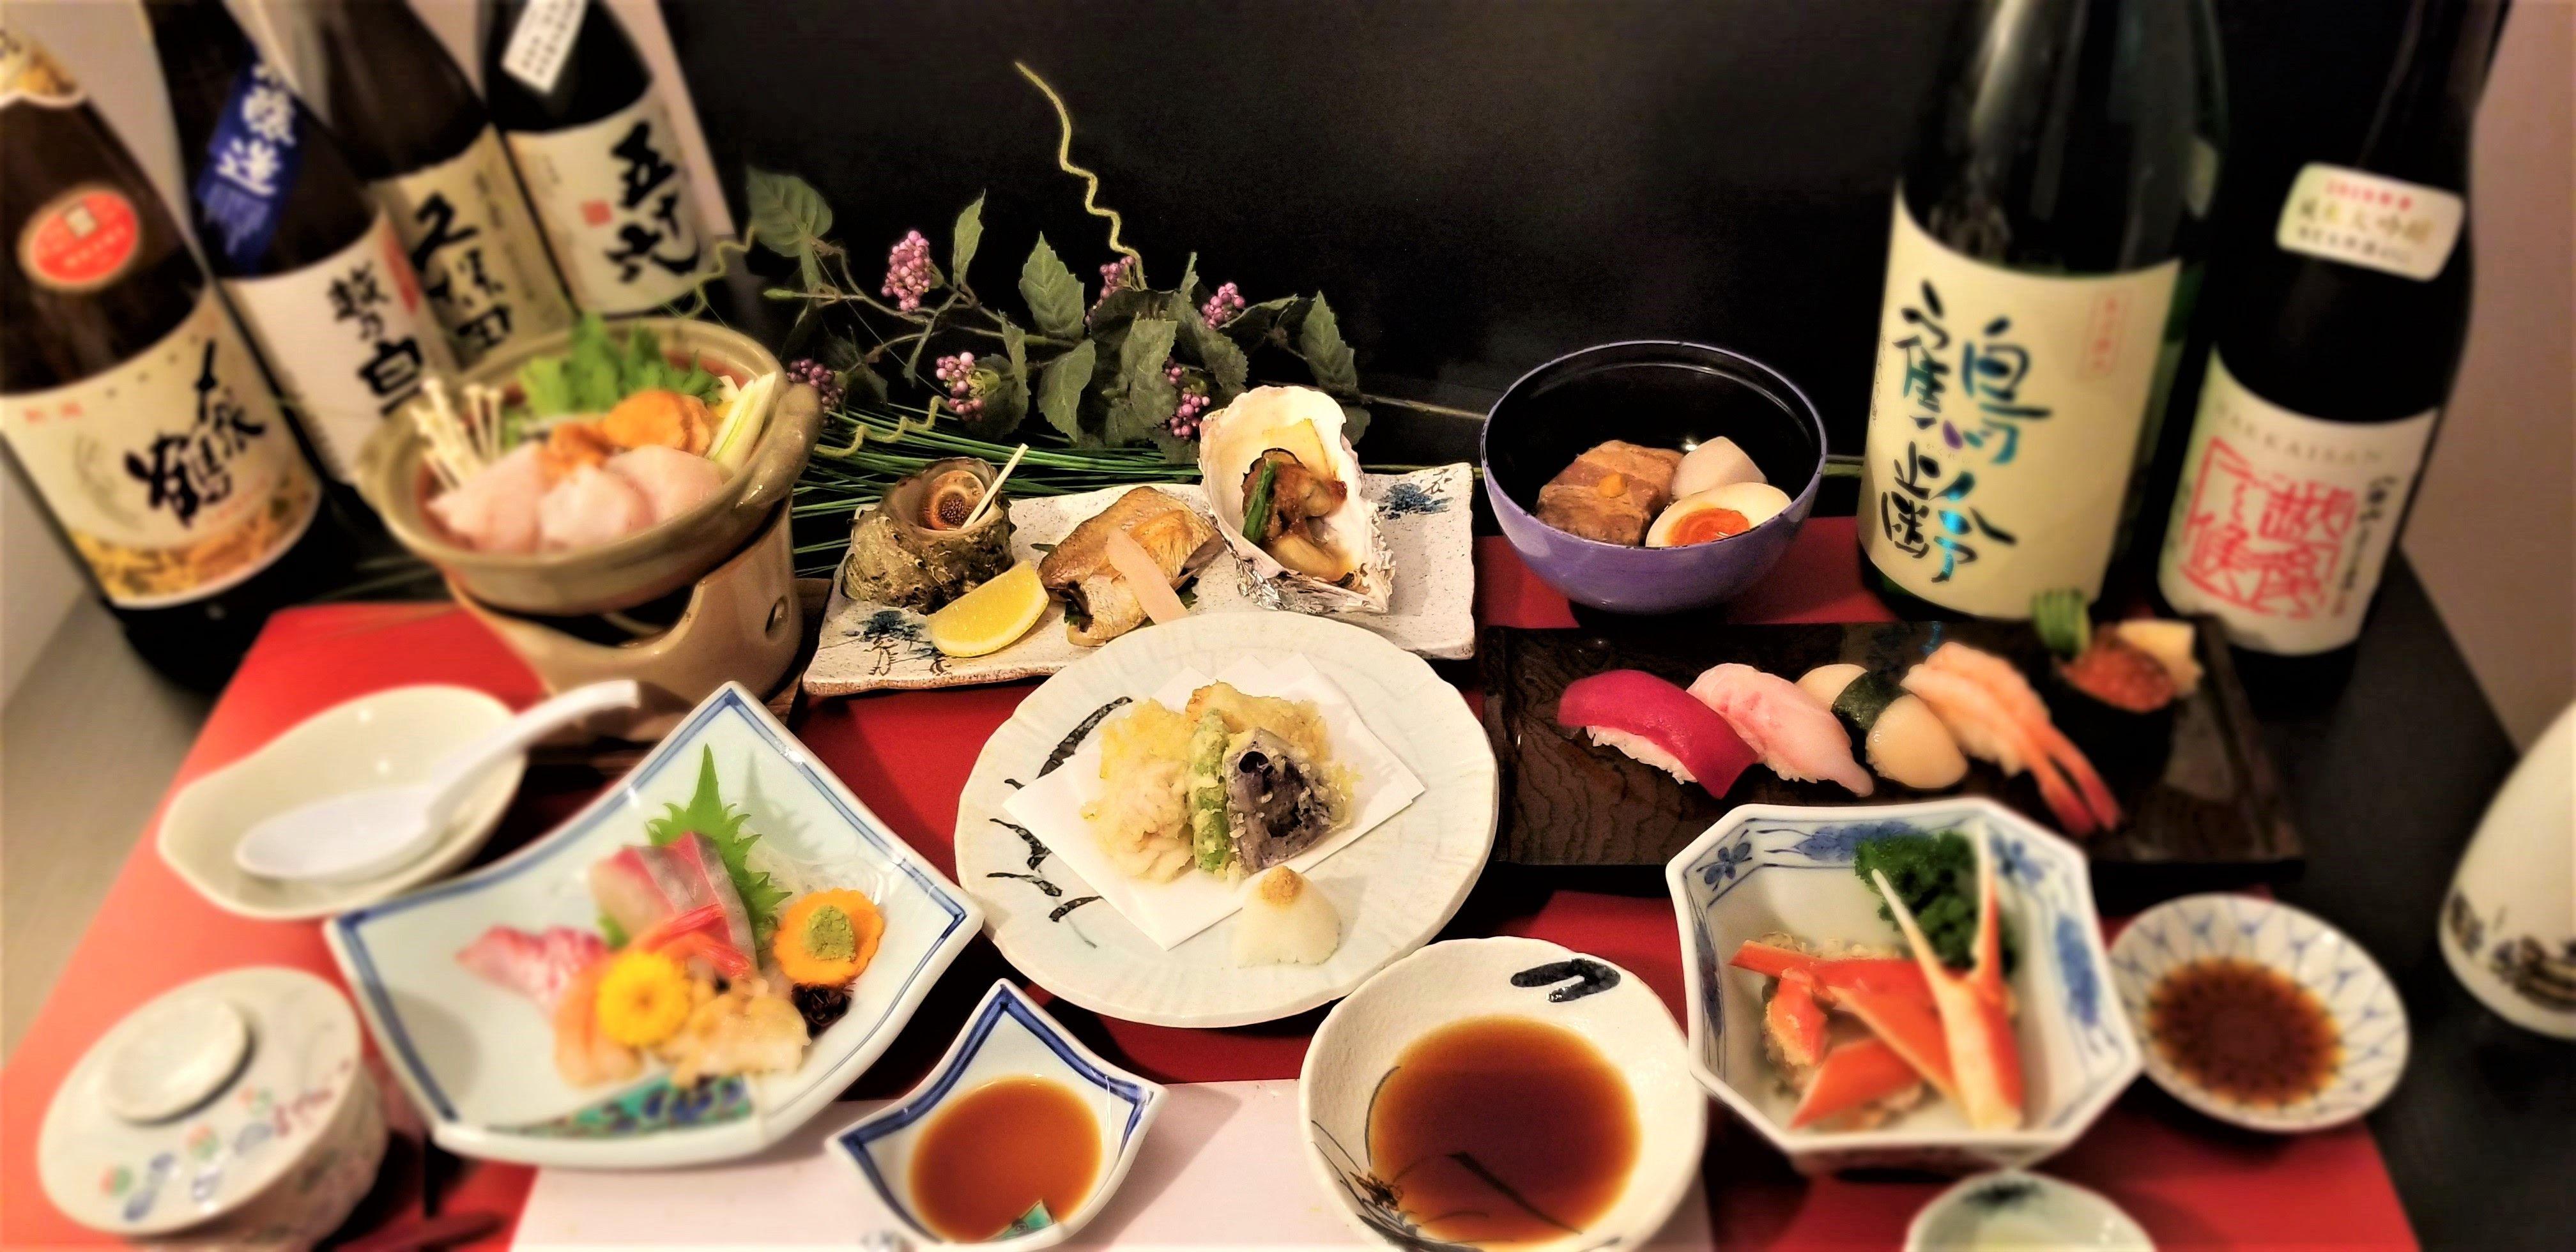 すし和風料理 米八(よねはち)|新潟県長岡市